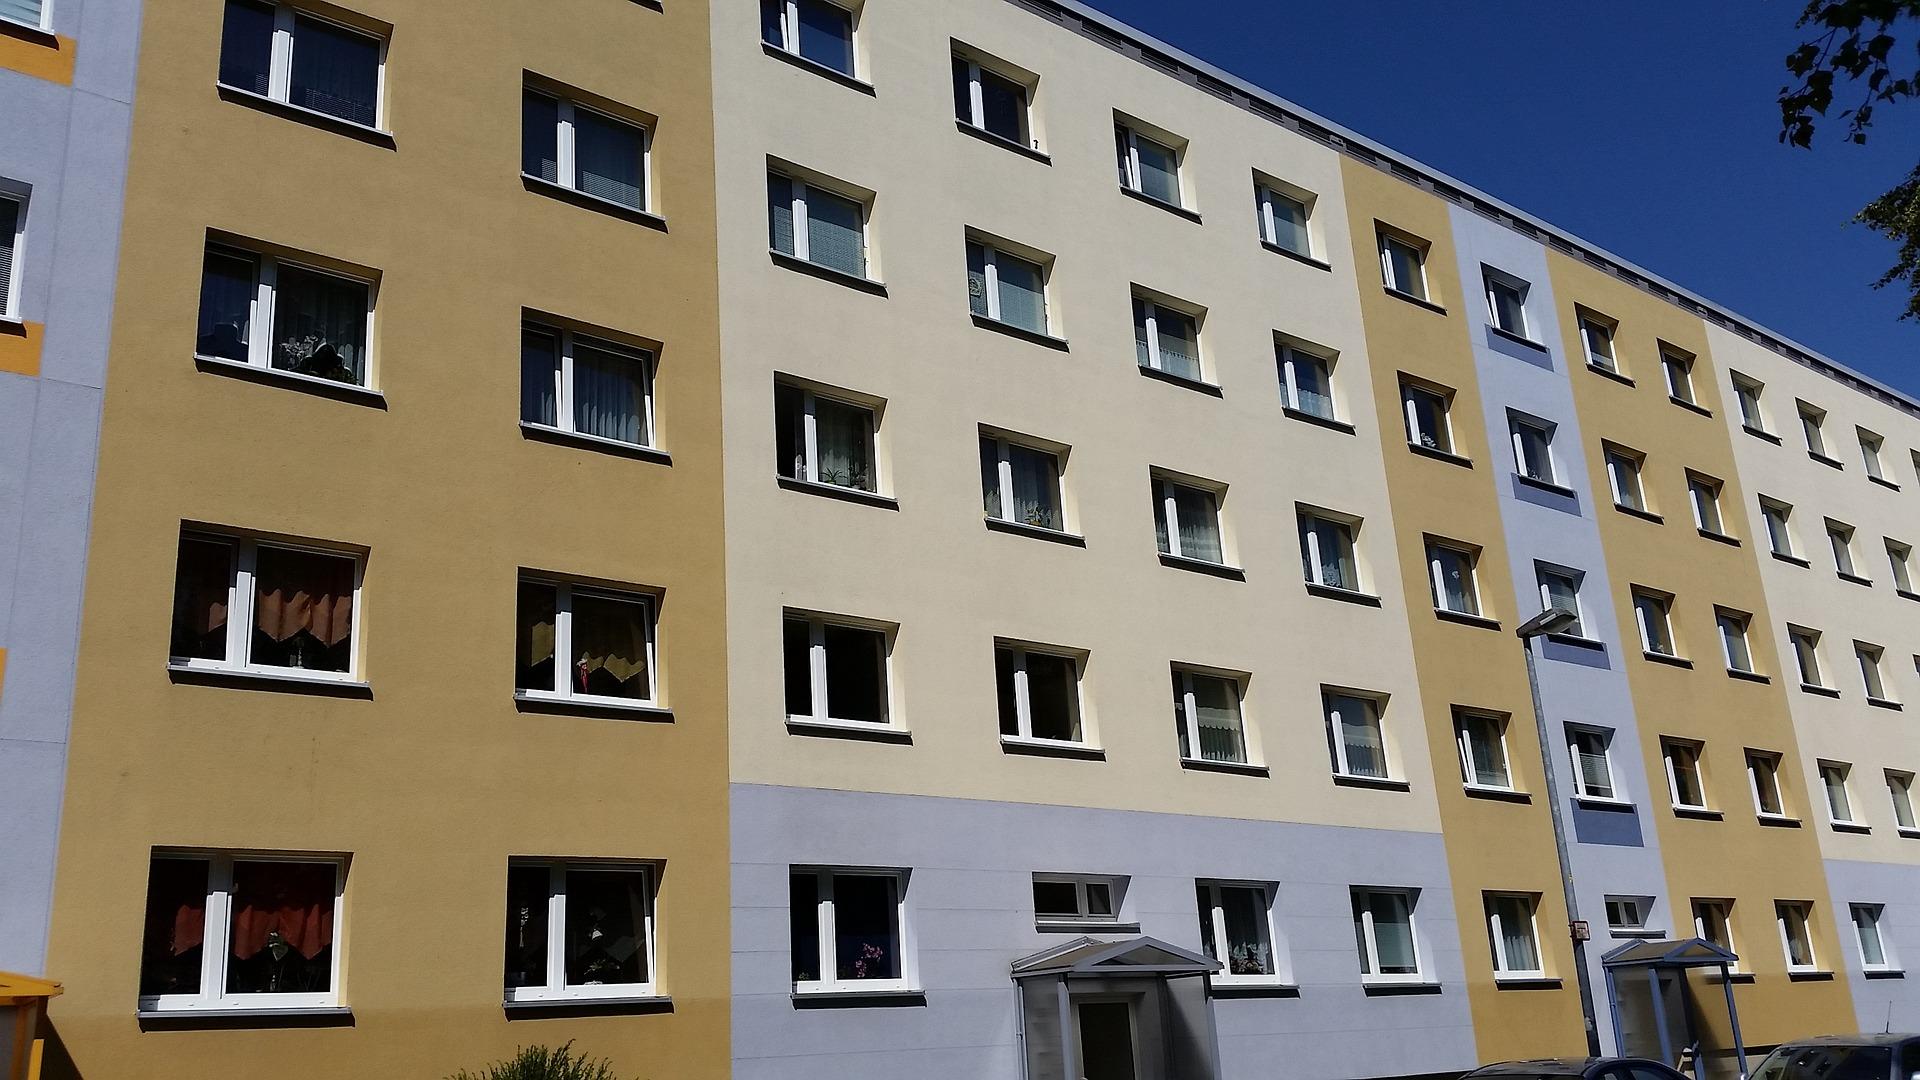 Družstevní bydlení jako alternativa k hypotéce